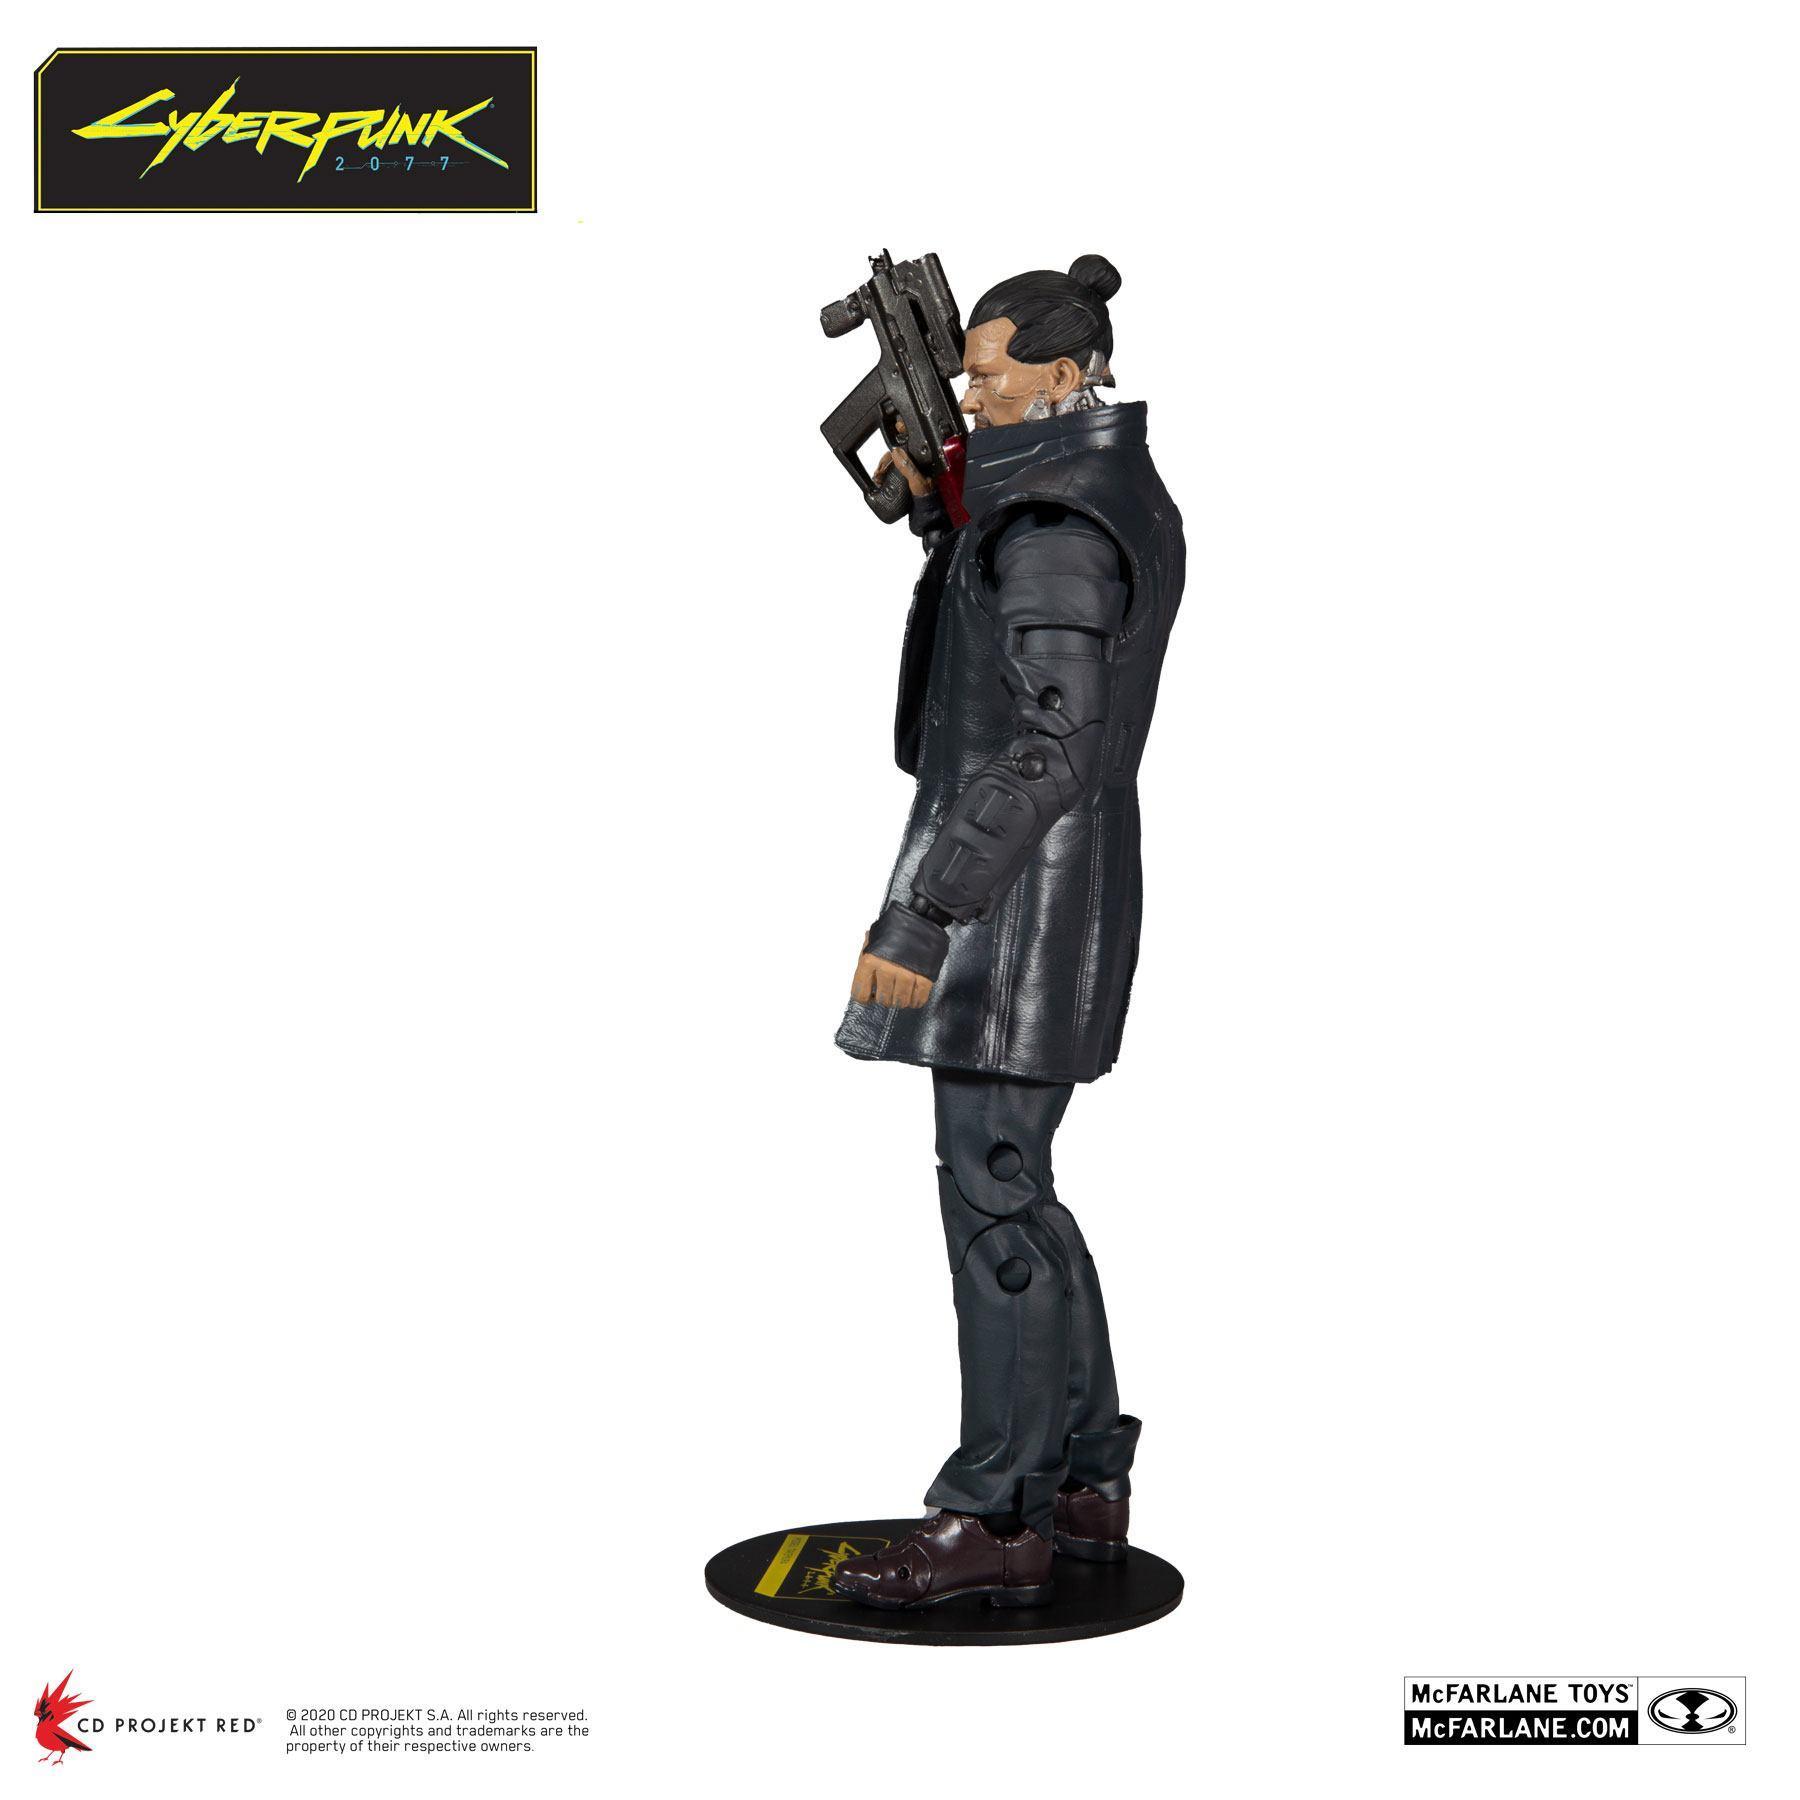 Cyberpunk 2077 figurine takemura 18 cm 2